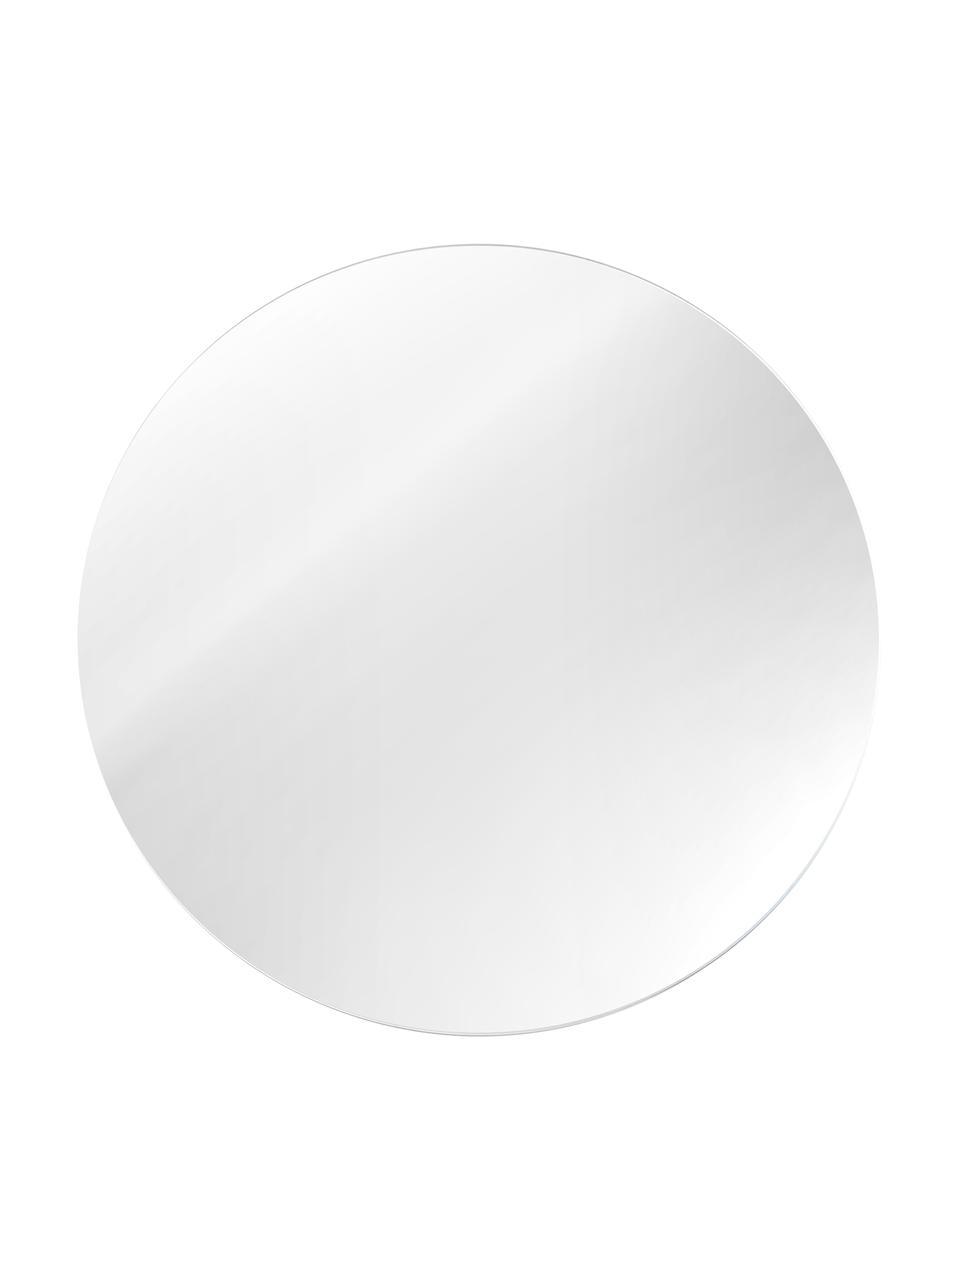 Lustro ścienne bez ramy Erin, Lustro: szkło lustrzane Zewnętrzna krawędź lustra: czarny, Ø 40 cm